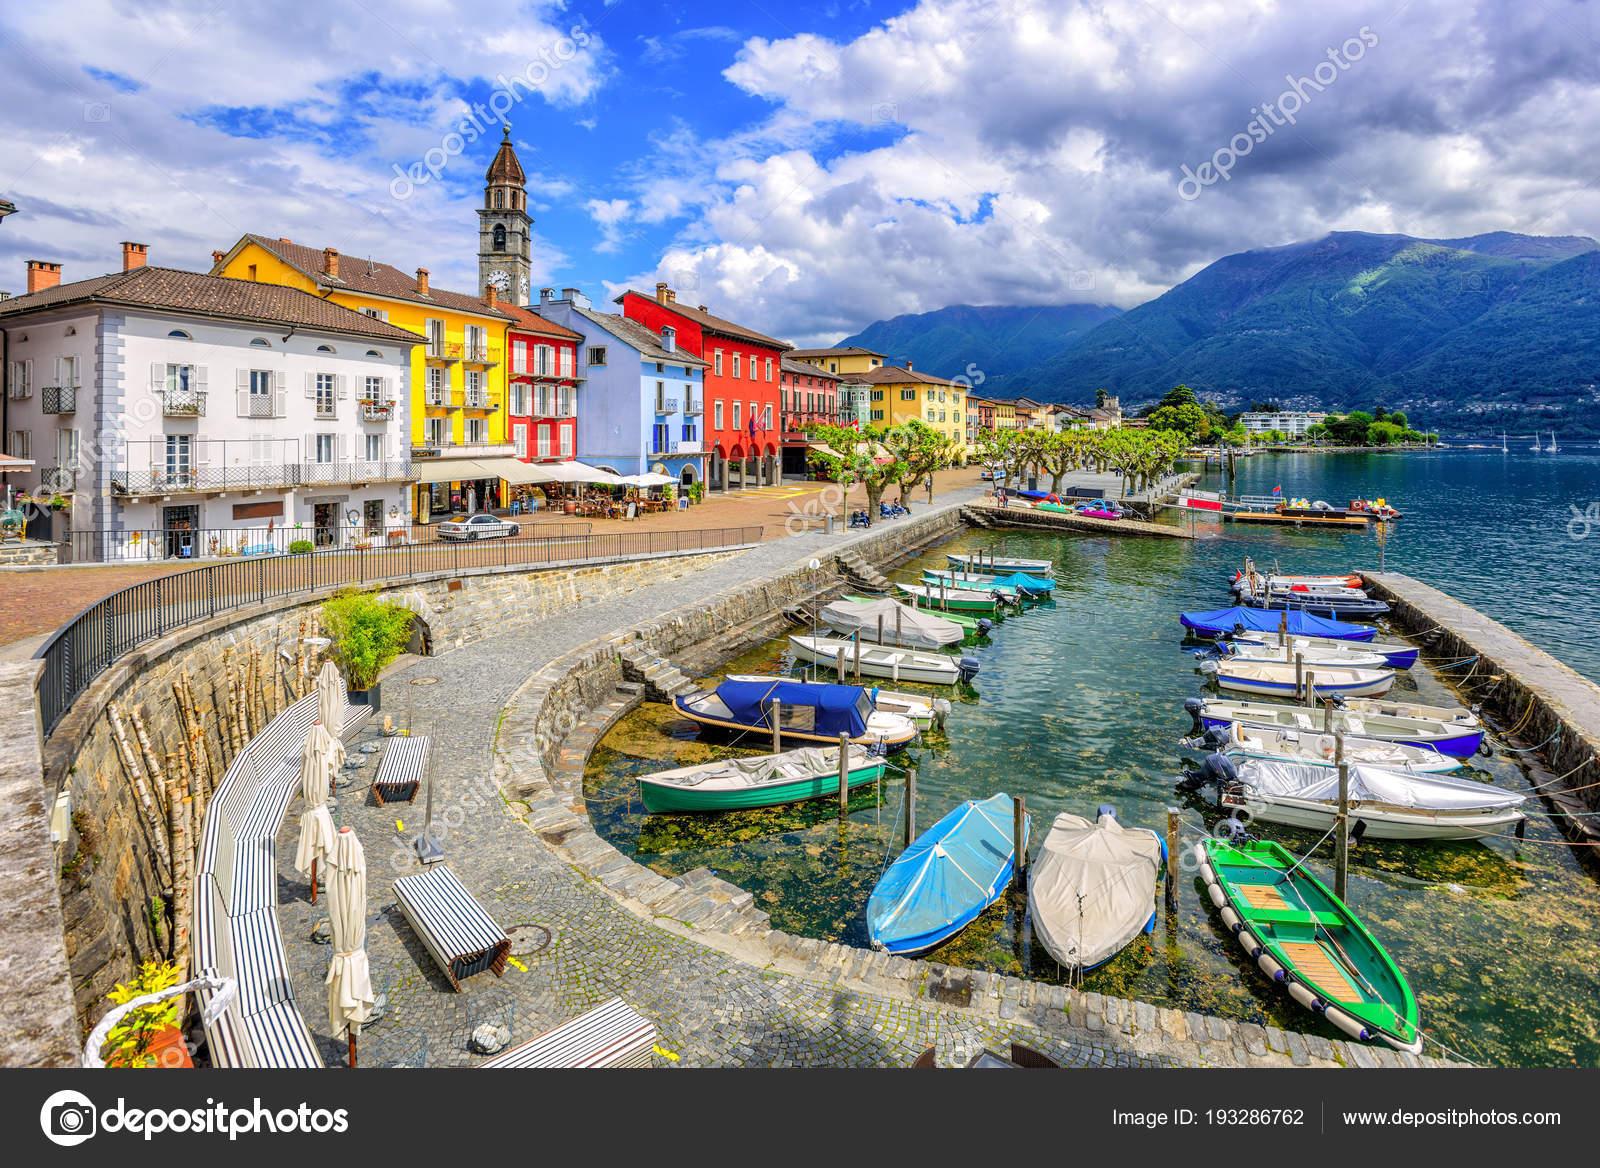 Обои Пейзаж, причалы, лодки, ticino, швейцария, дома, ascona, набережная. Города foto 14